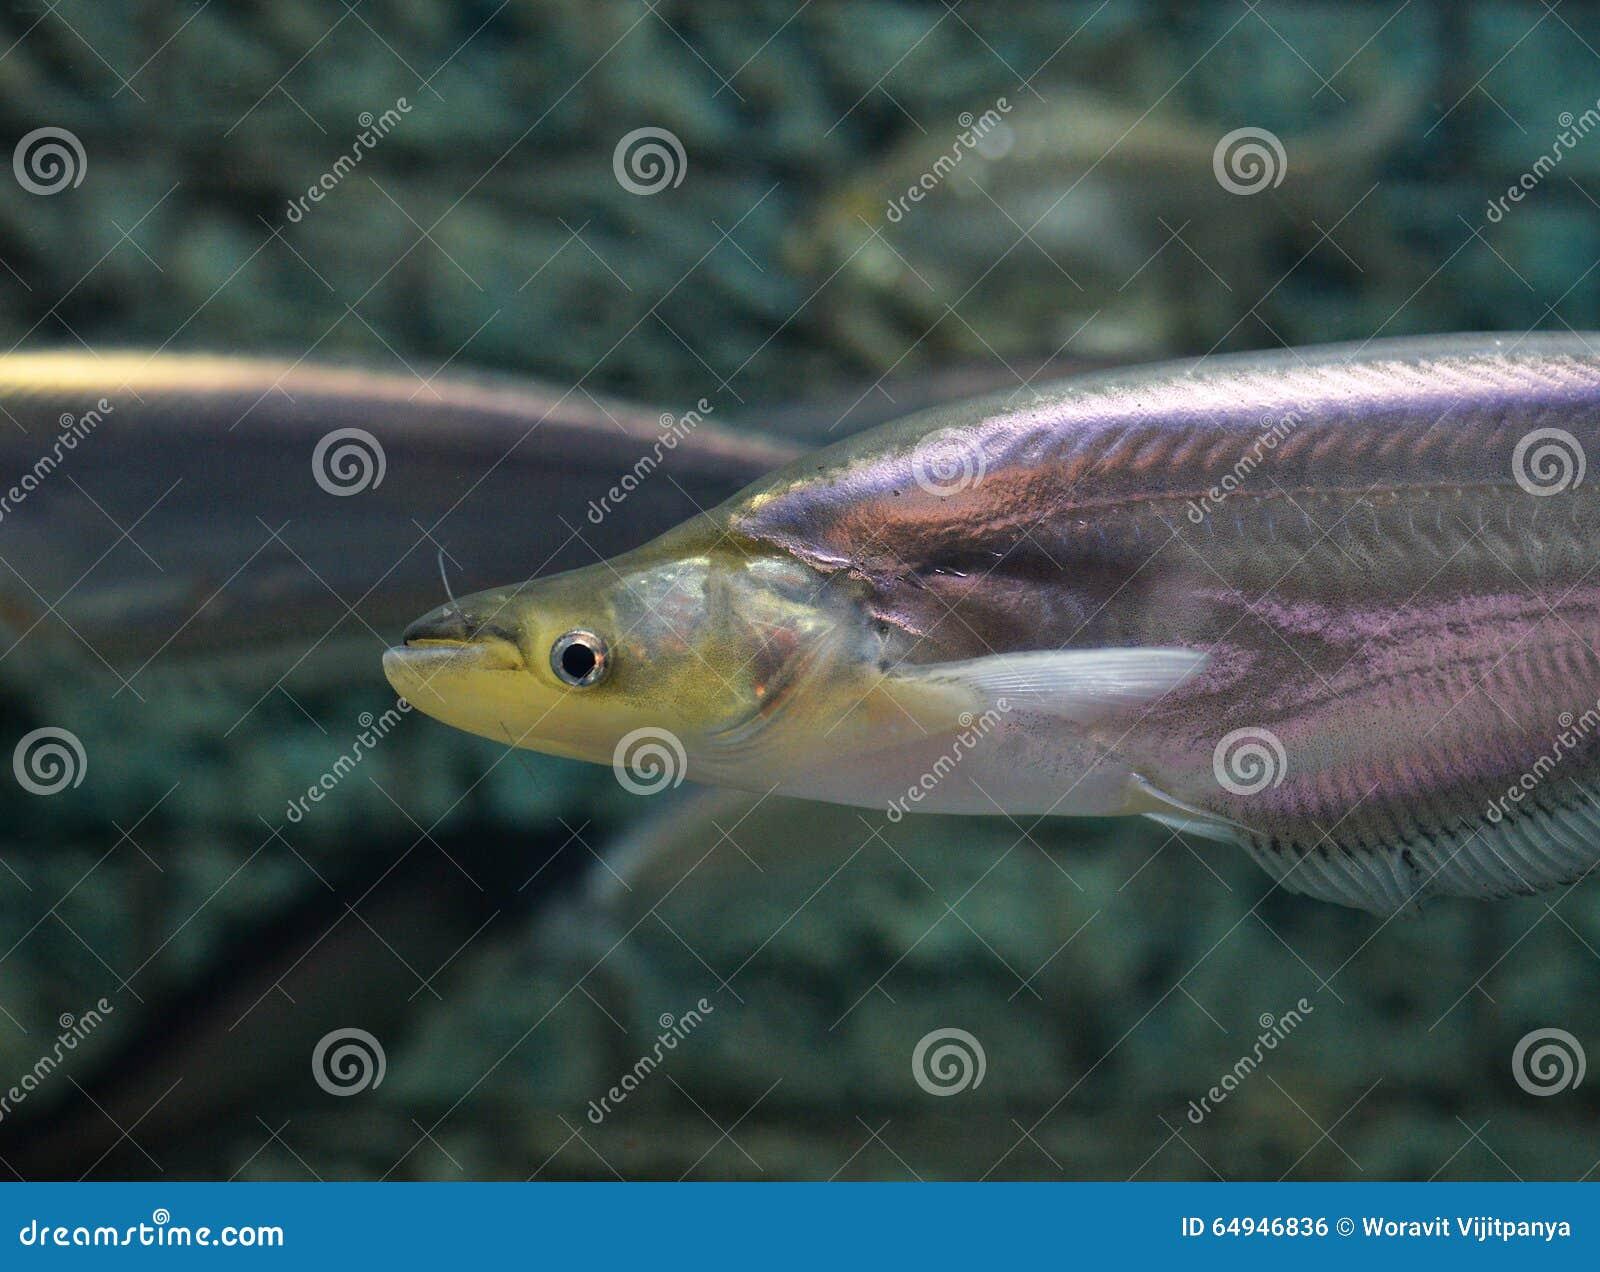 Whisker sheatfish